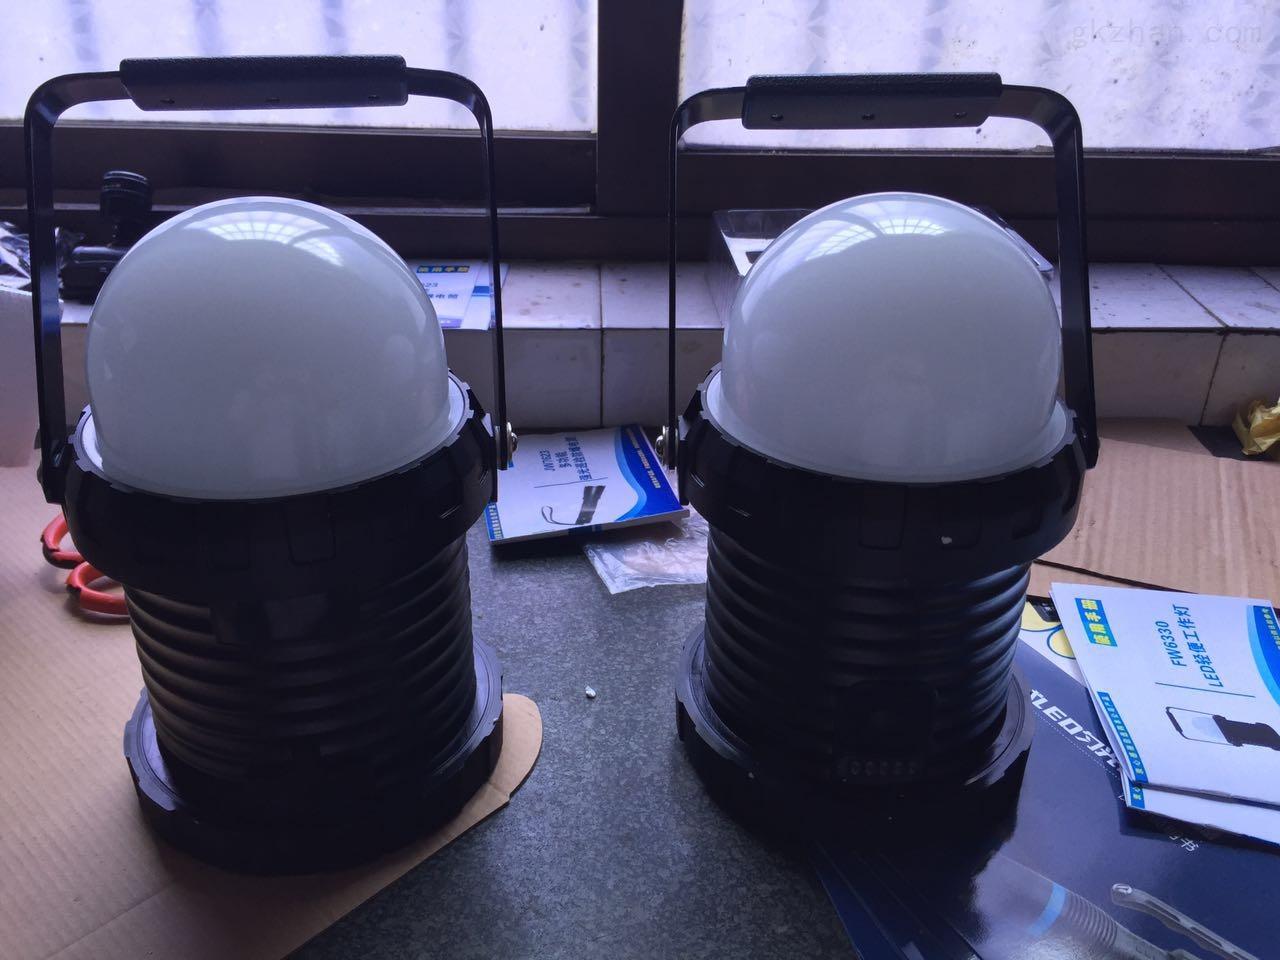 FW6330磁力工作灯价格厂家